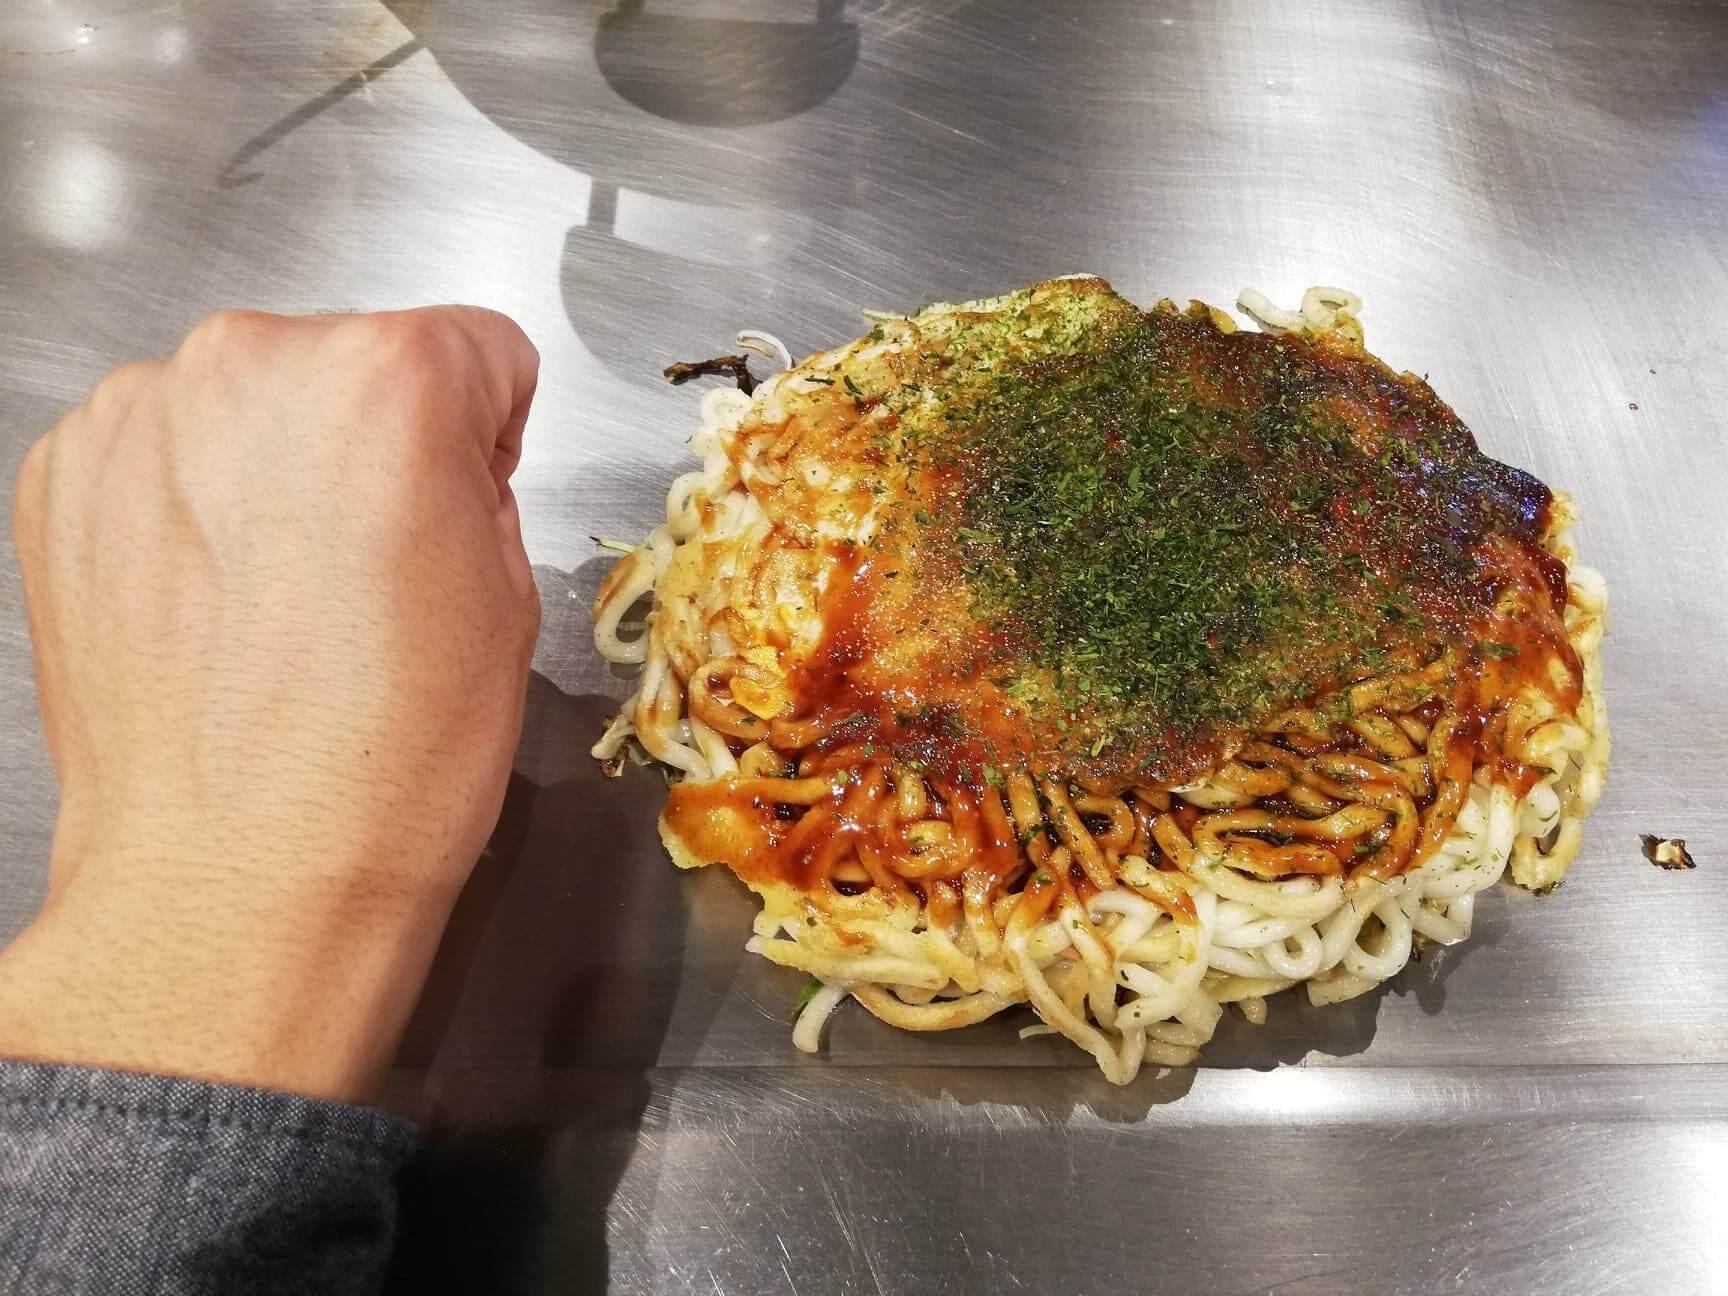 広島県『薬研堀八昌』のうどん肉玉と拳のサイズ比較写真